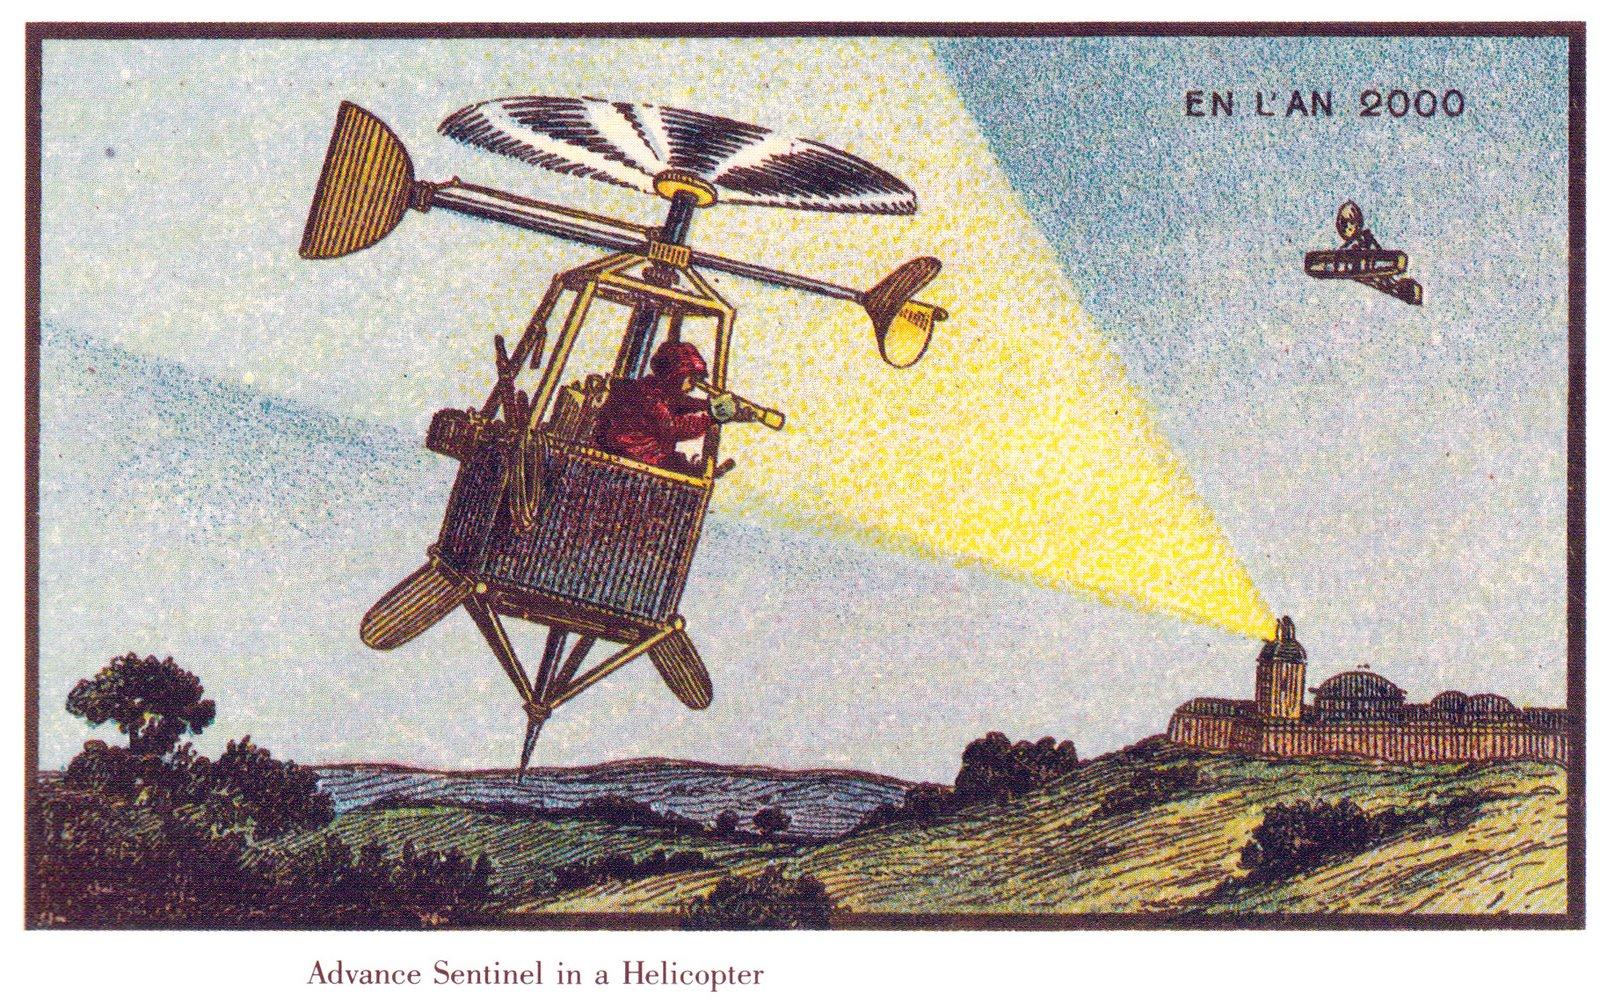 Frankreich im Jahr 2000 – imaginiert von dem französischen Künstler Villemard um 1910 (gemeinfrei, via Wikimedia Commons)